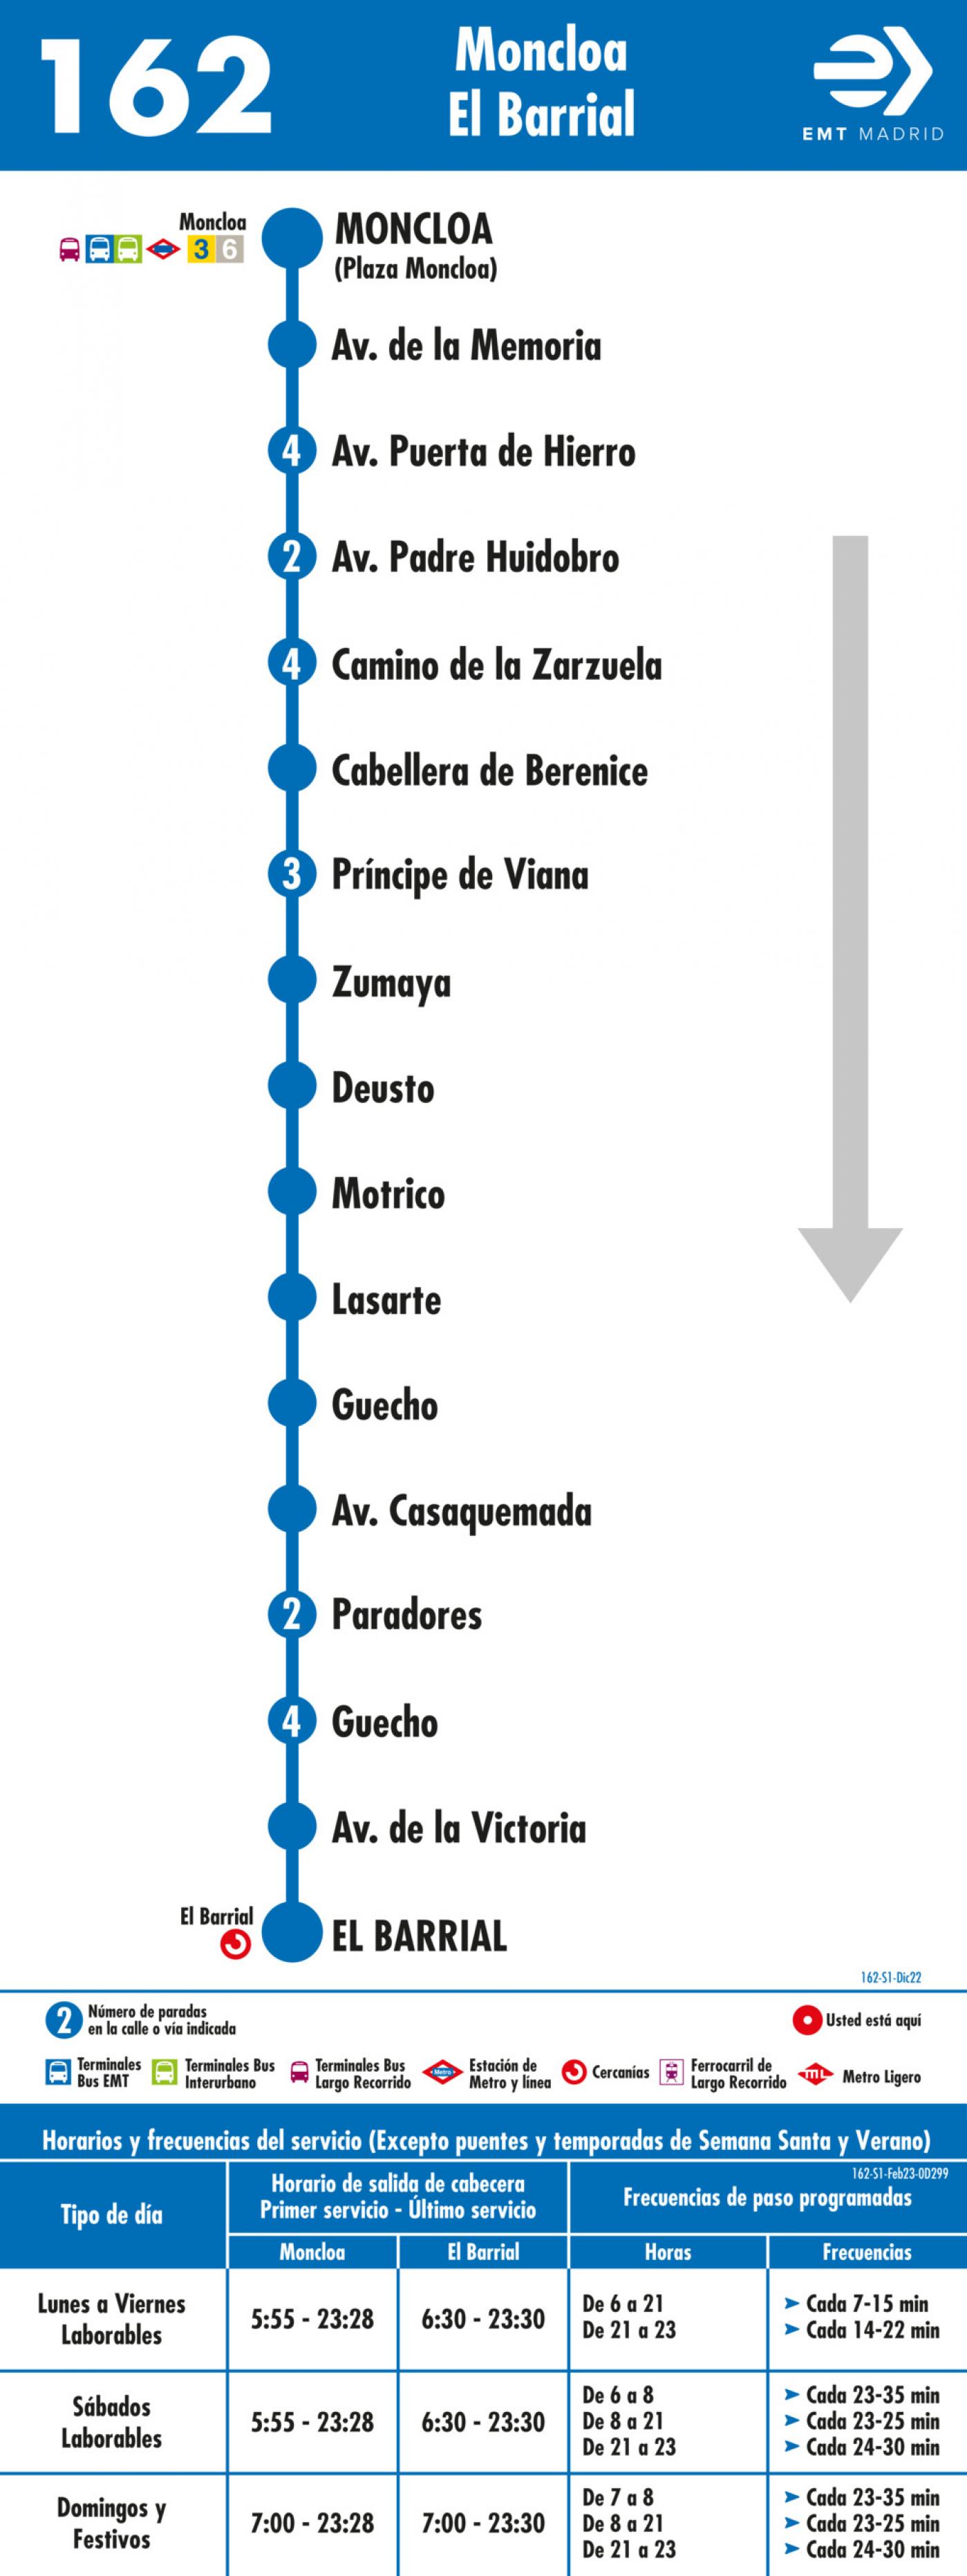 Tabla de horarios y frecuencias de paso en sentido ida Línea 162: Moncloa - El Barrial